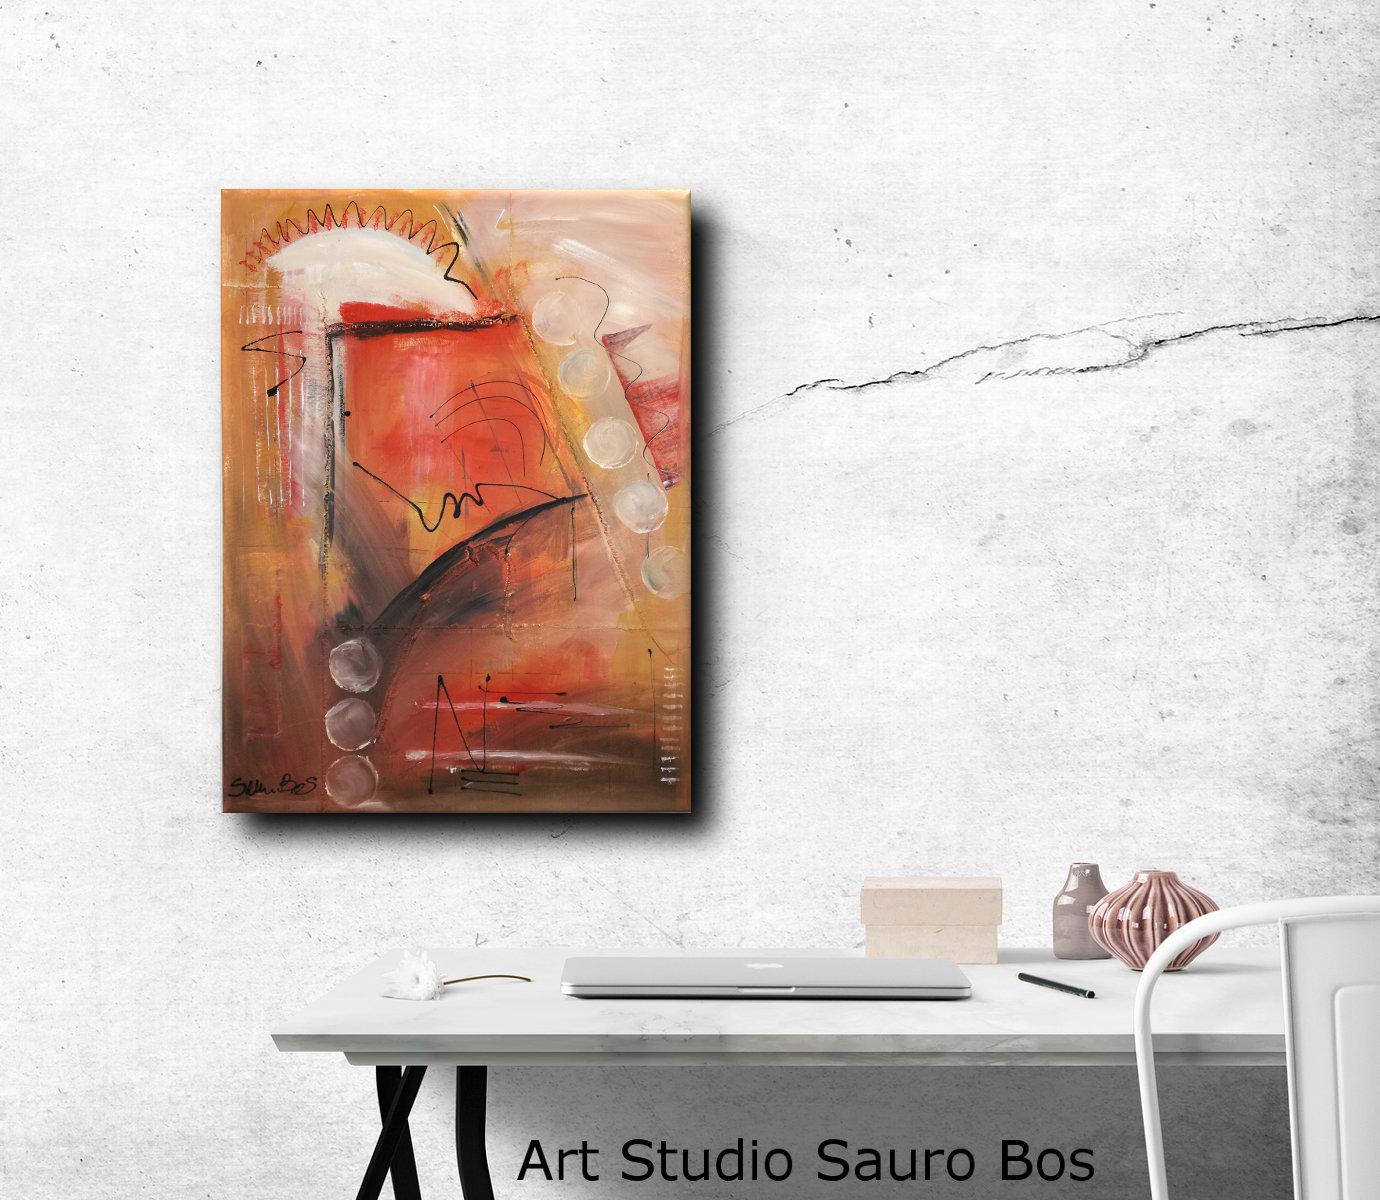 Quadri astratti moderni dipinti a mano sauro bos for Quadri moderni astratti dipinti a mano